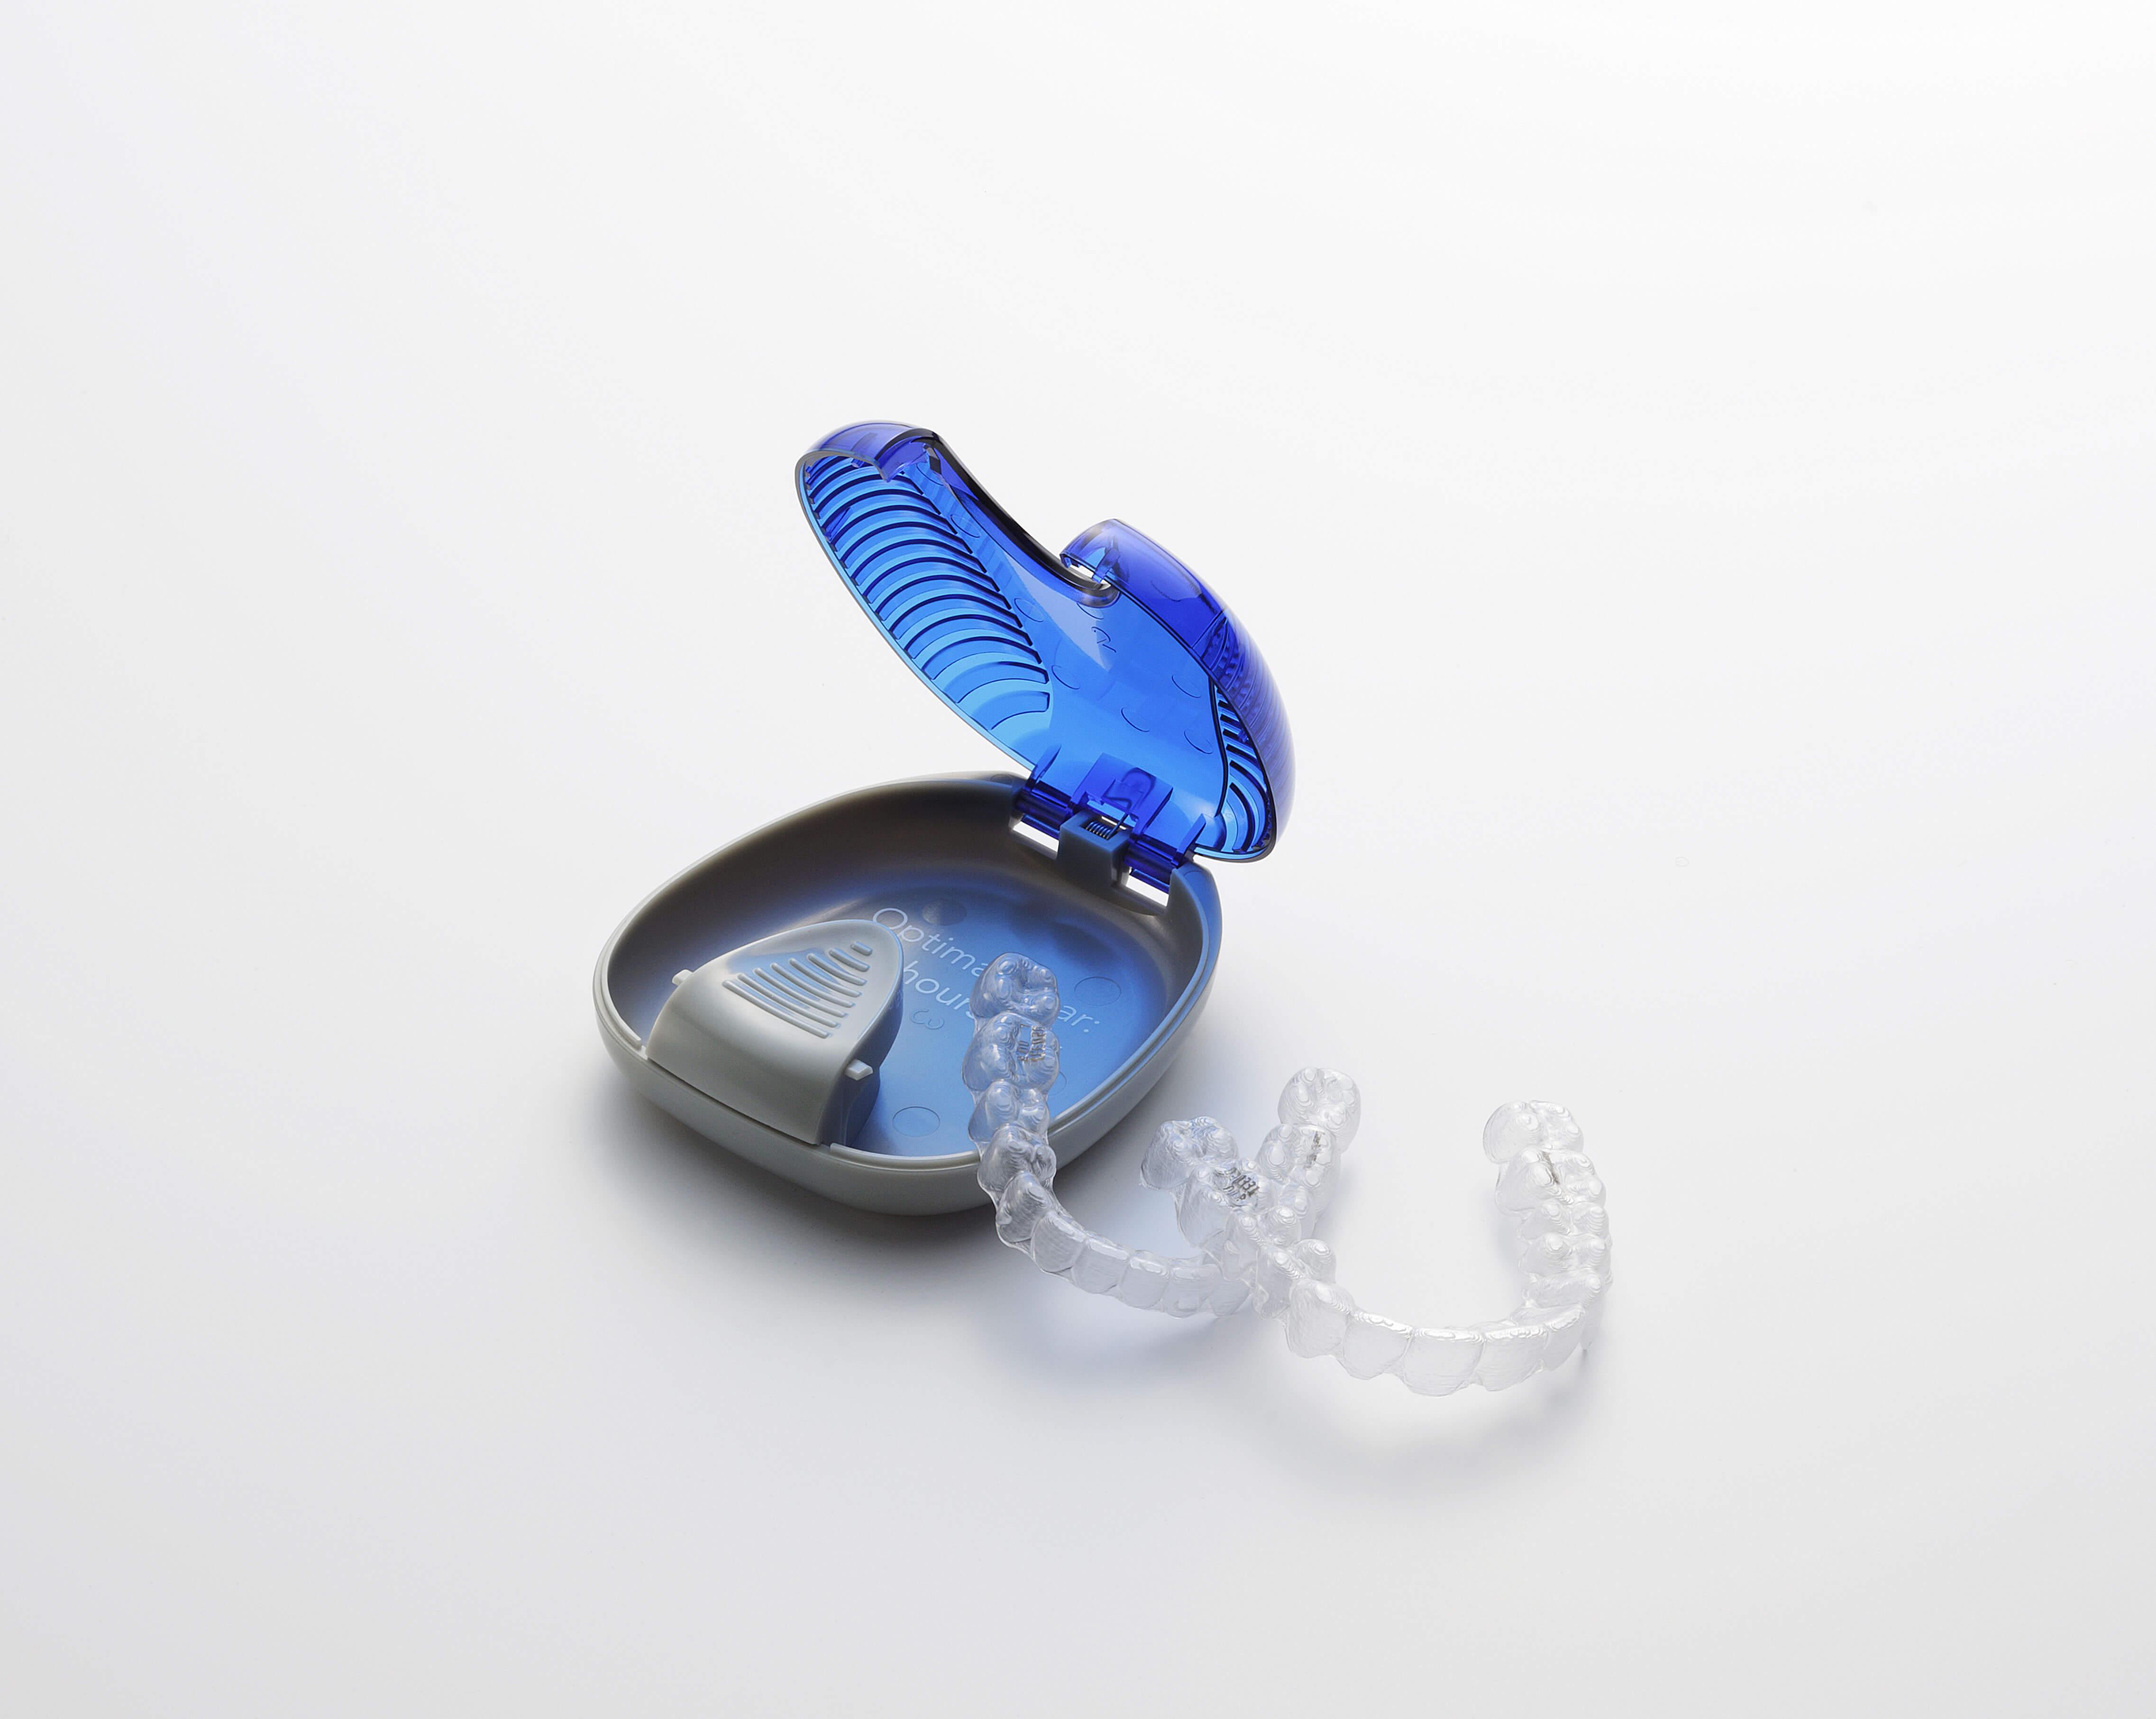 マウスピース型矯正歯科装置(インビザライン)とは